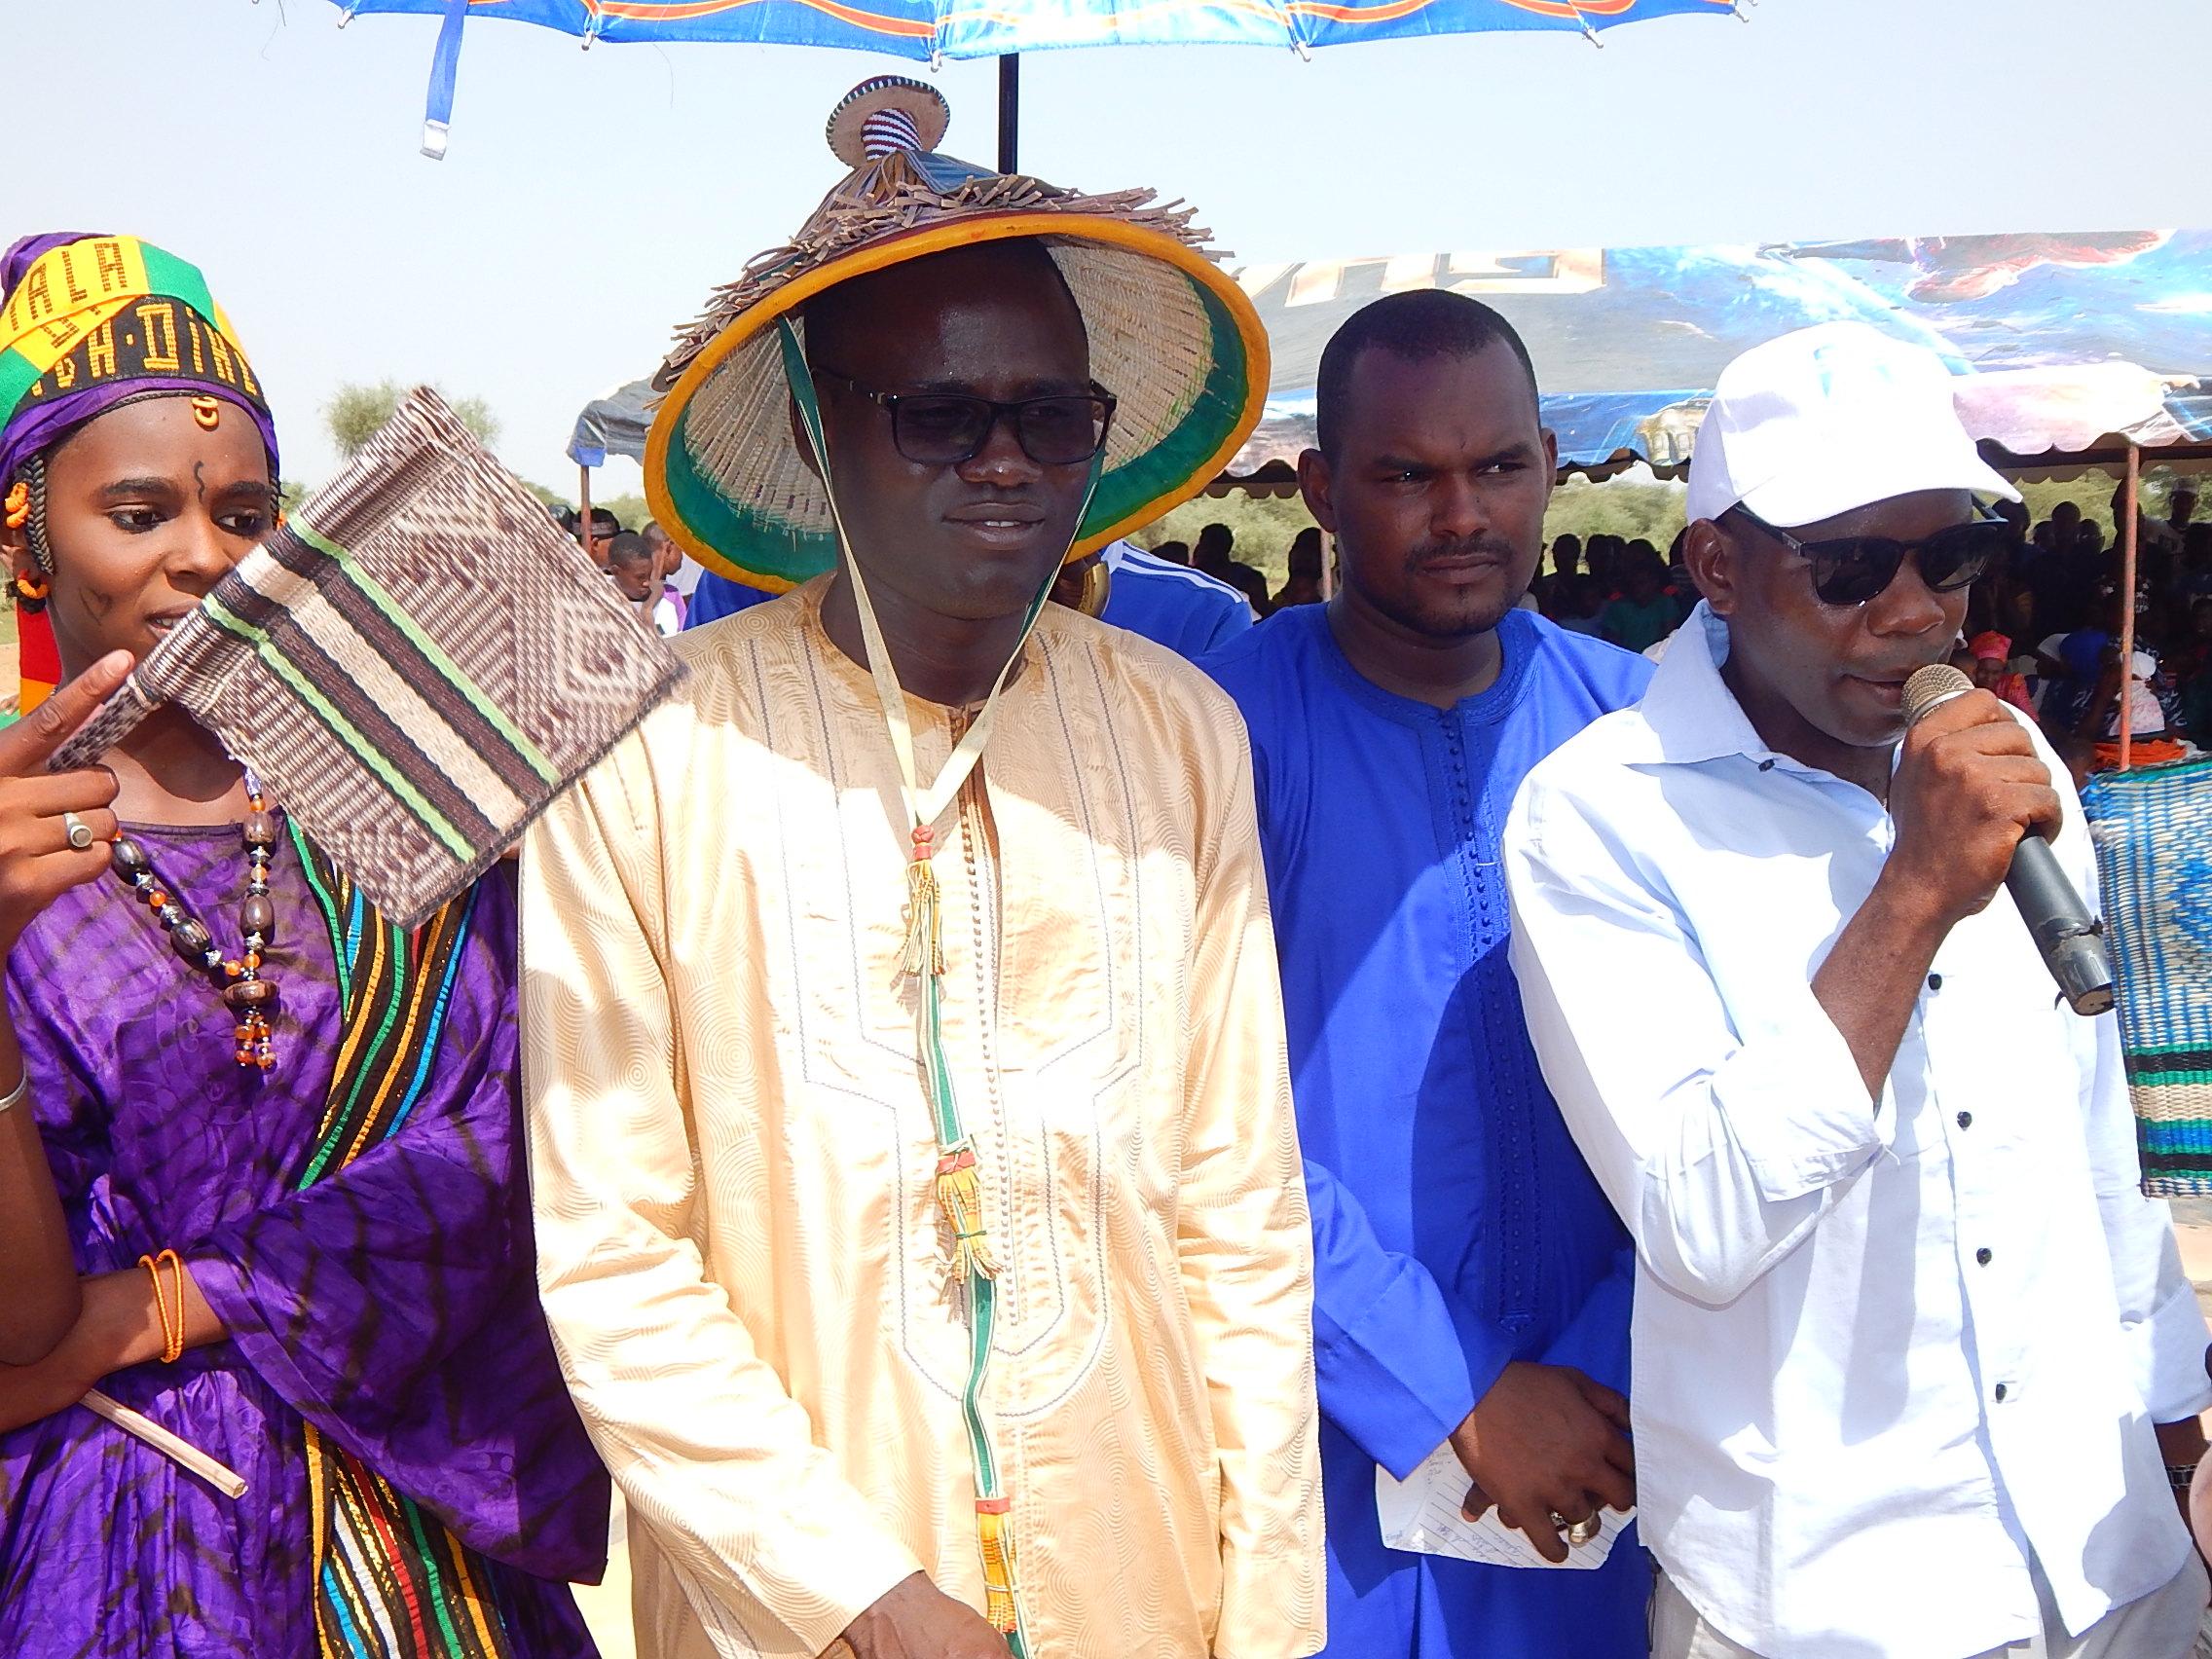 PODOR - Visite du président du Conseil National de la Jeunesse, Khadim DIOP accueilli en grande pompe par les populations de Bocké Dialloubé